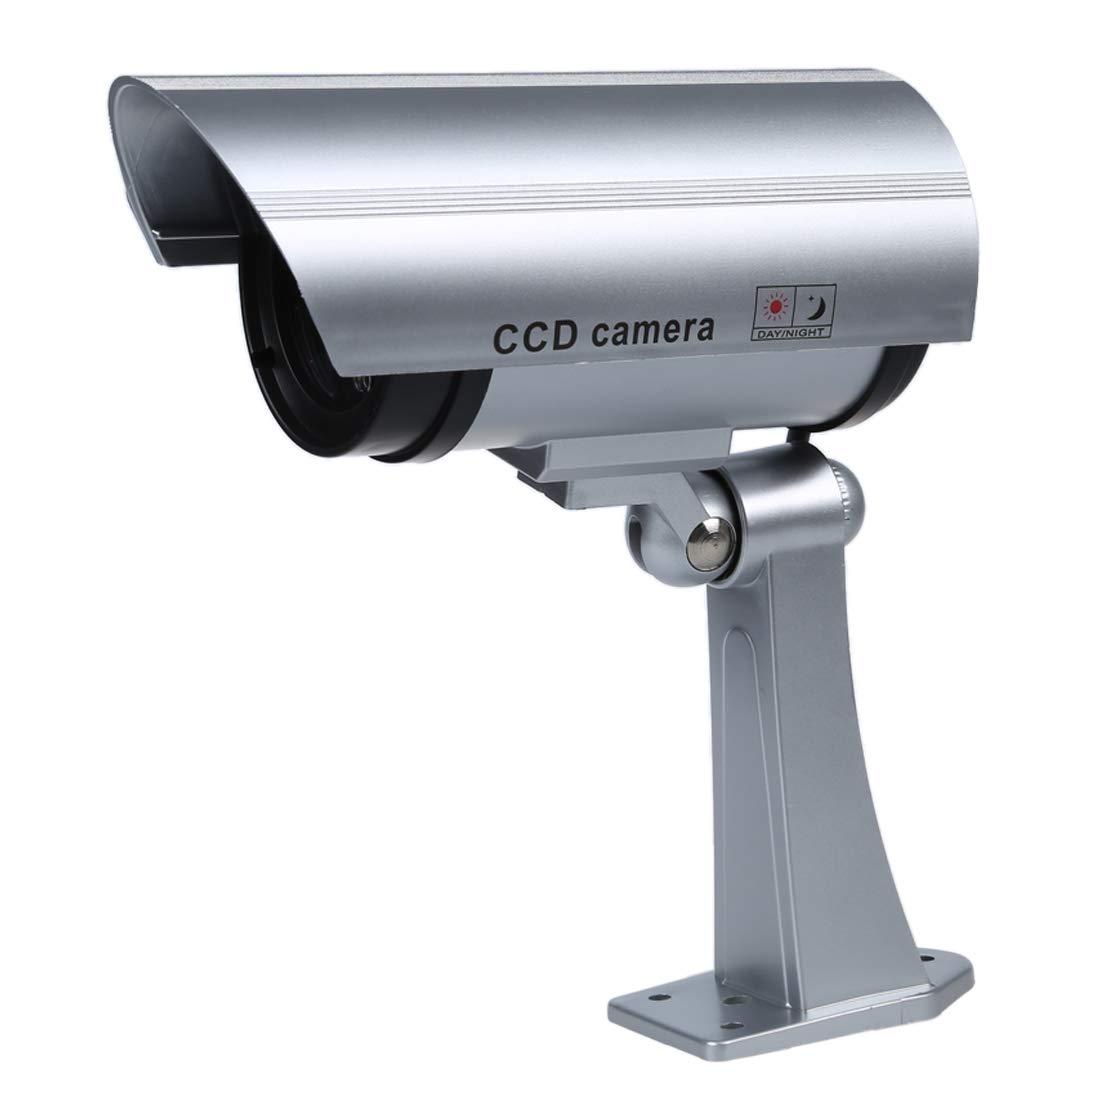 割引発見 TOOGOO ( ( R )ワイヤレス防水ダミー/偽IRセキュリティ監視カメラ TOOGOO/屋内ハウジングカメラ R。を組み込みの赤点滅LEDライト、LED IR。フェイクタトゥーマウントブラケット含ま。 B00HPKDJOM, 綴喜郡:8495eafe --- a0267596.xsph.ru